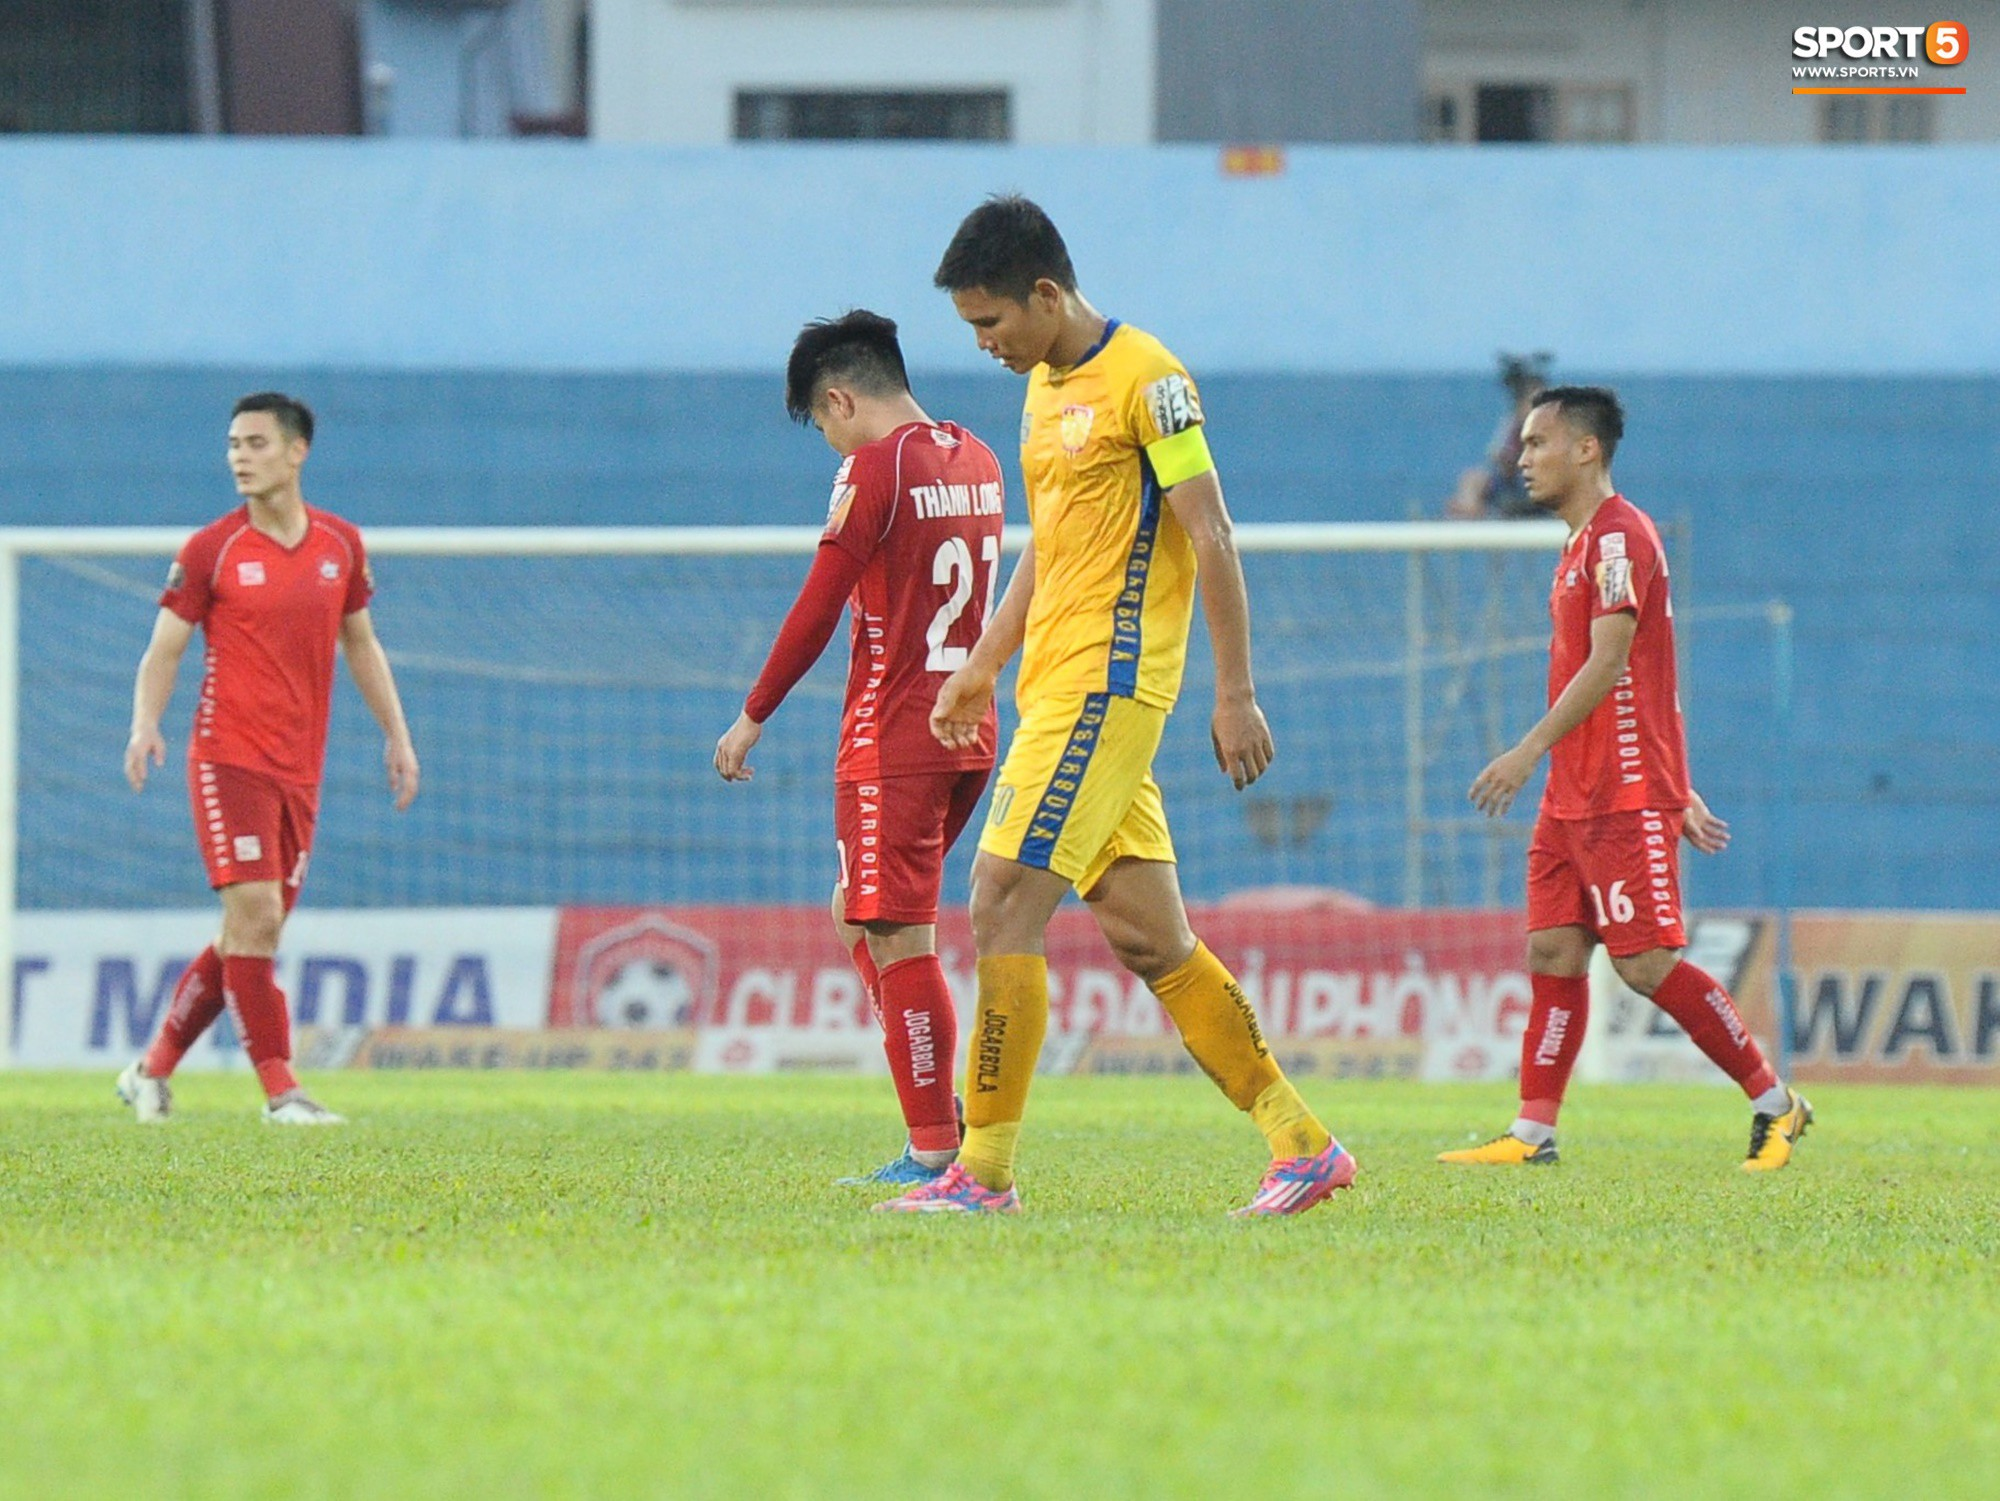 Hành động đẹp của cầu thủ Hải Phòng trong trận cầu nảy lửa với Thanh Hoá - Ảnh 3.